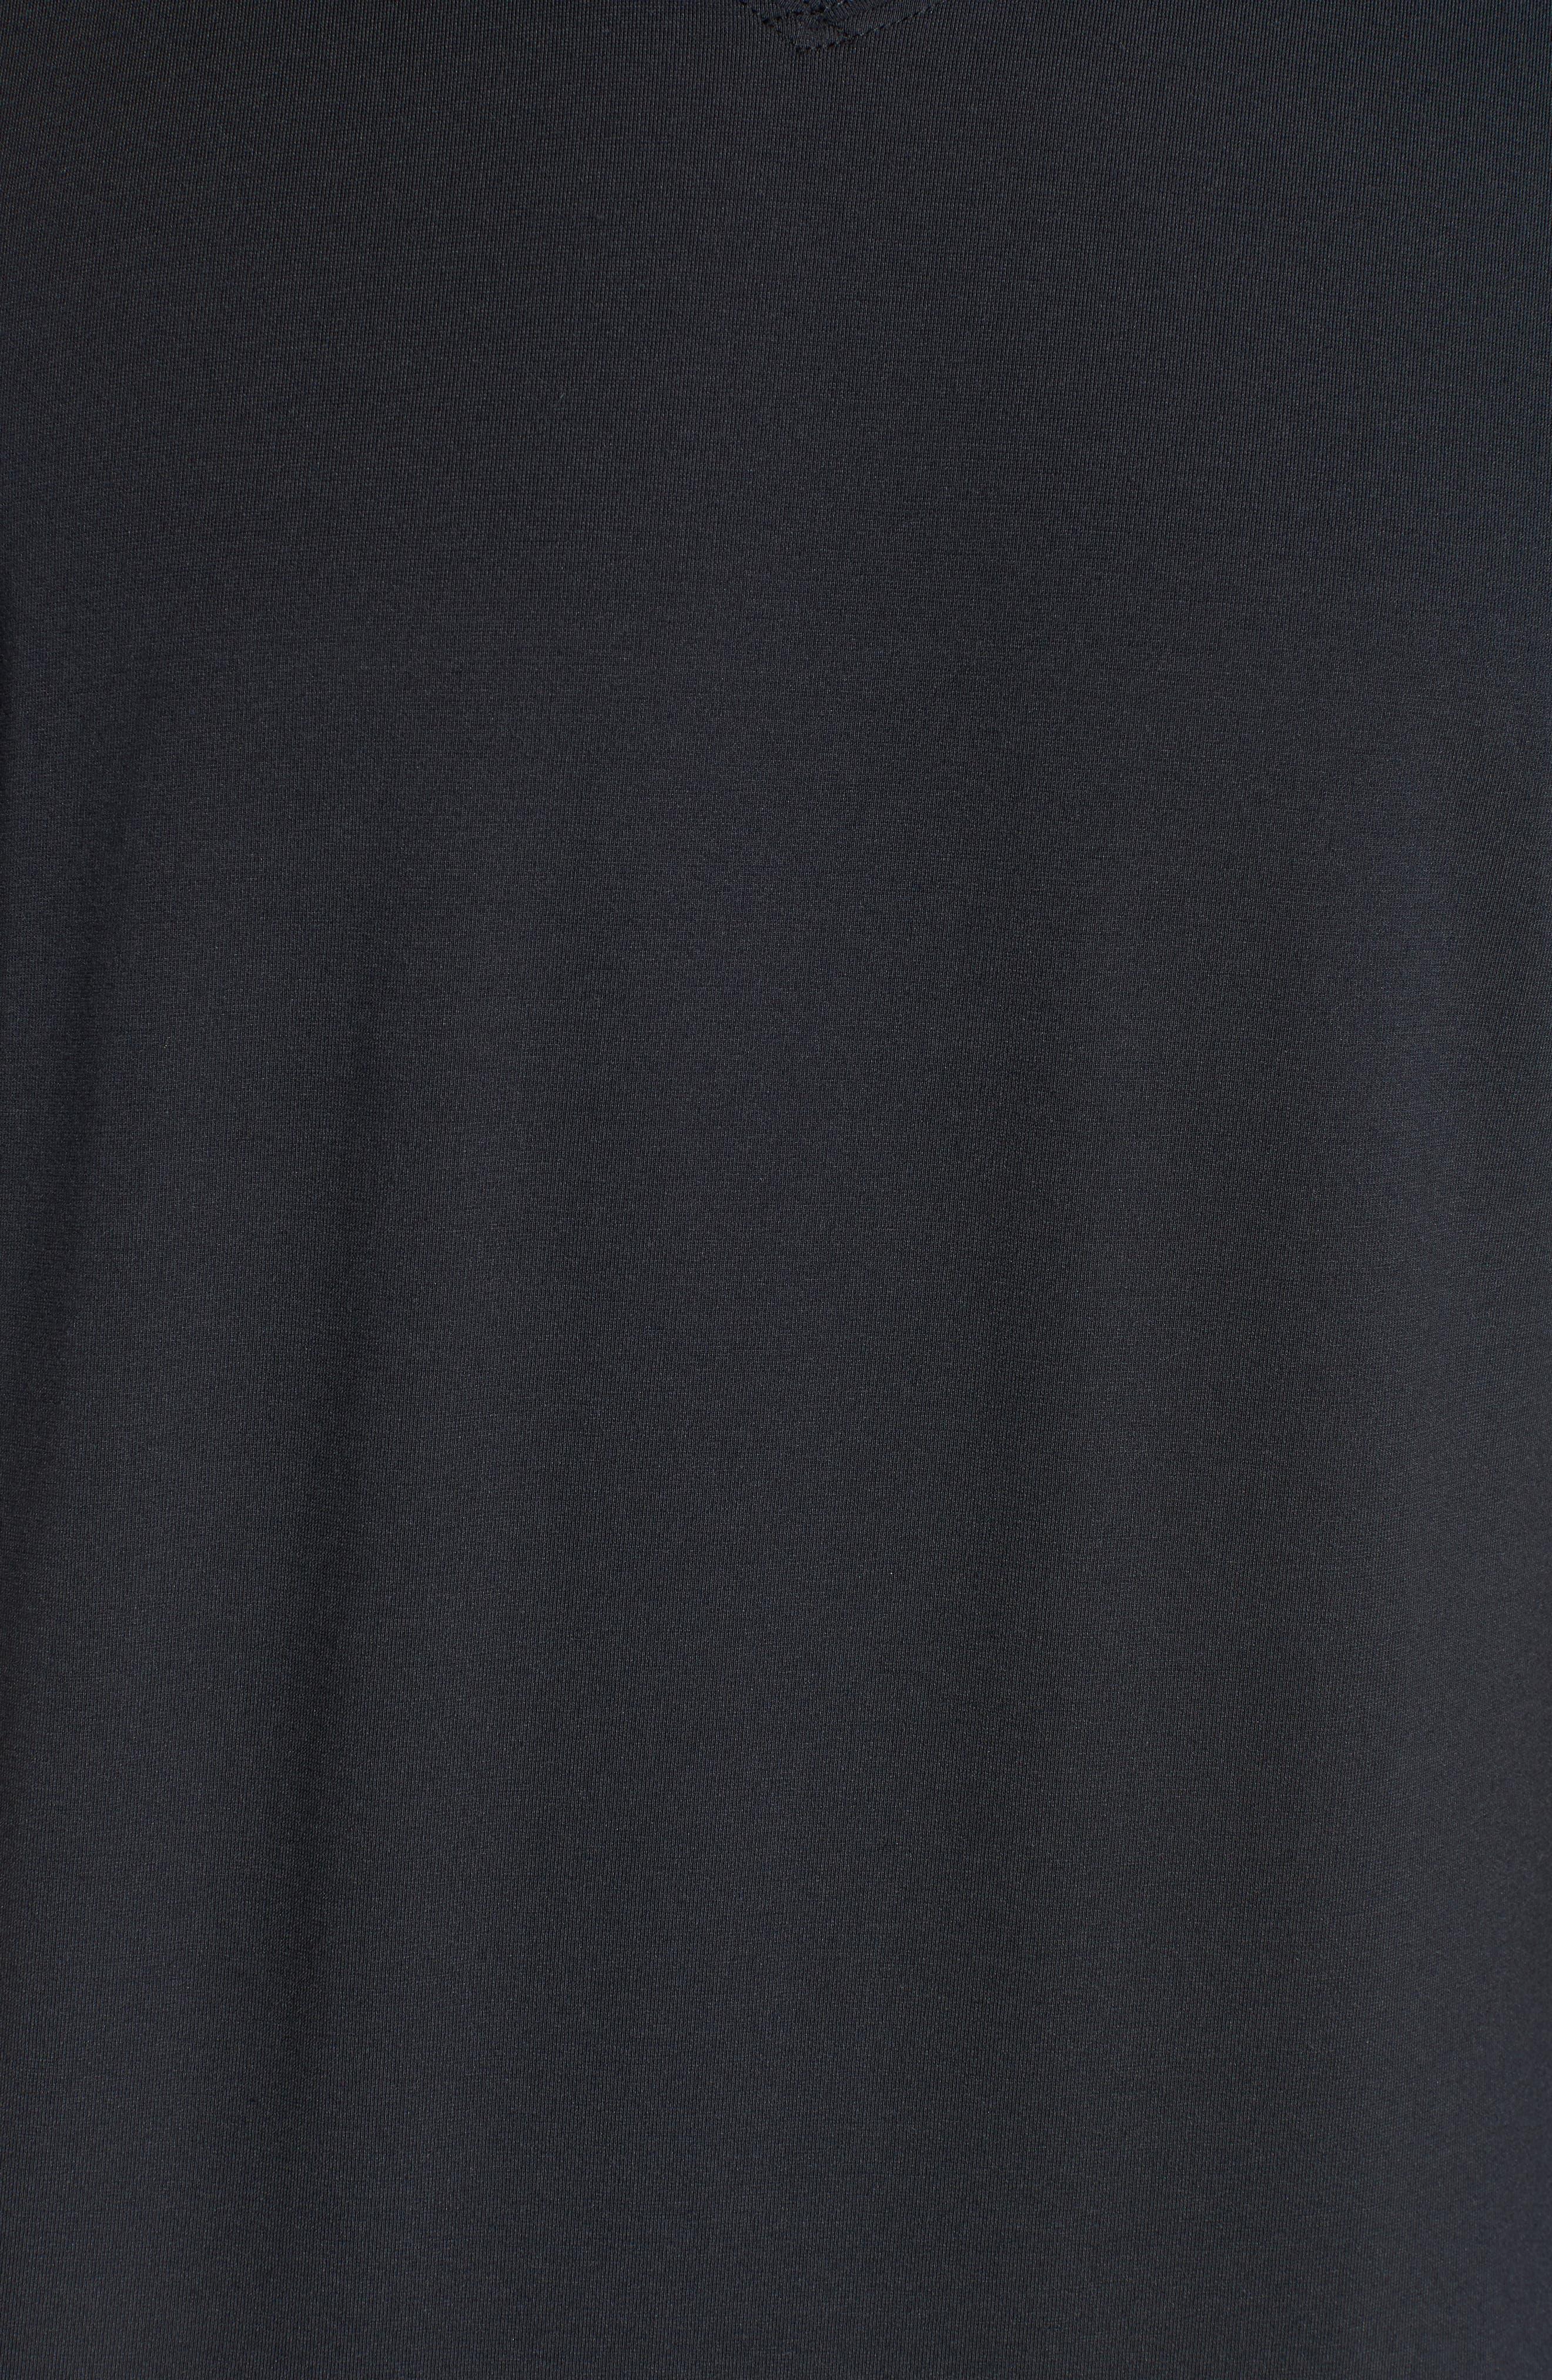 Potholder V-Neck T-Shirt,                             Alternate thumbnail 5, color,                             001